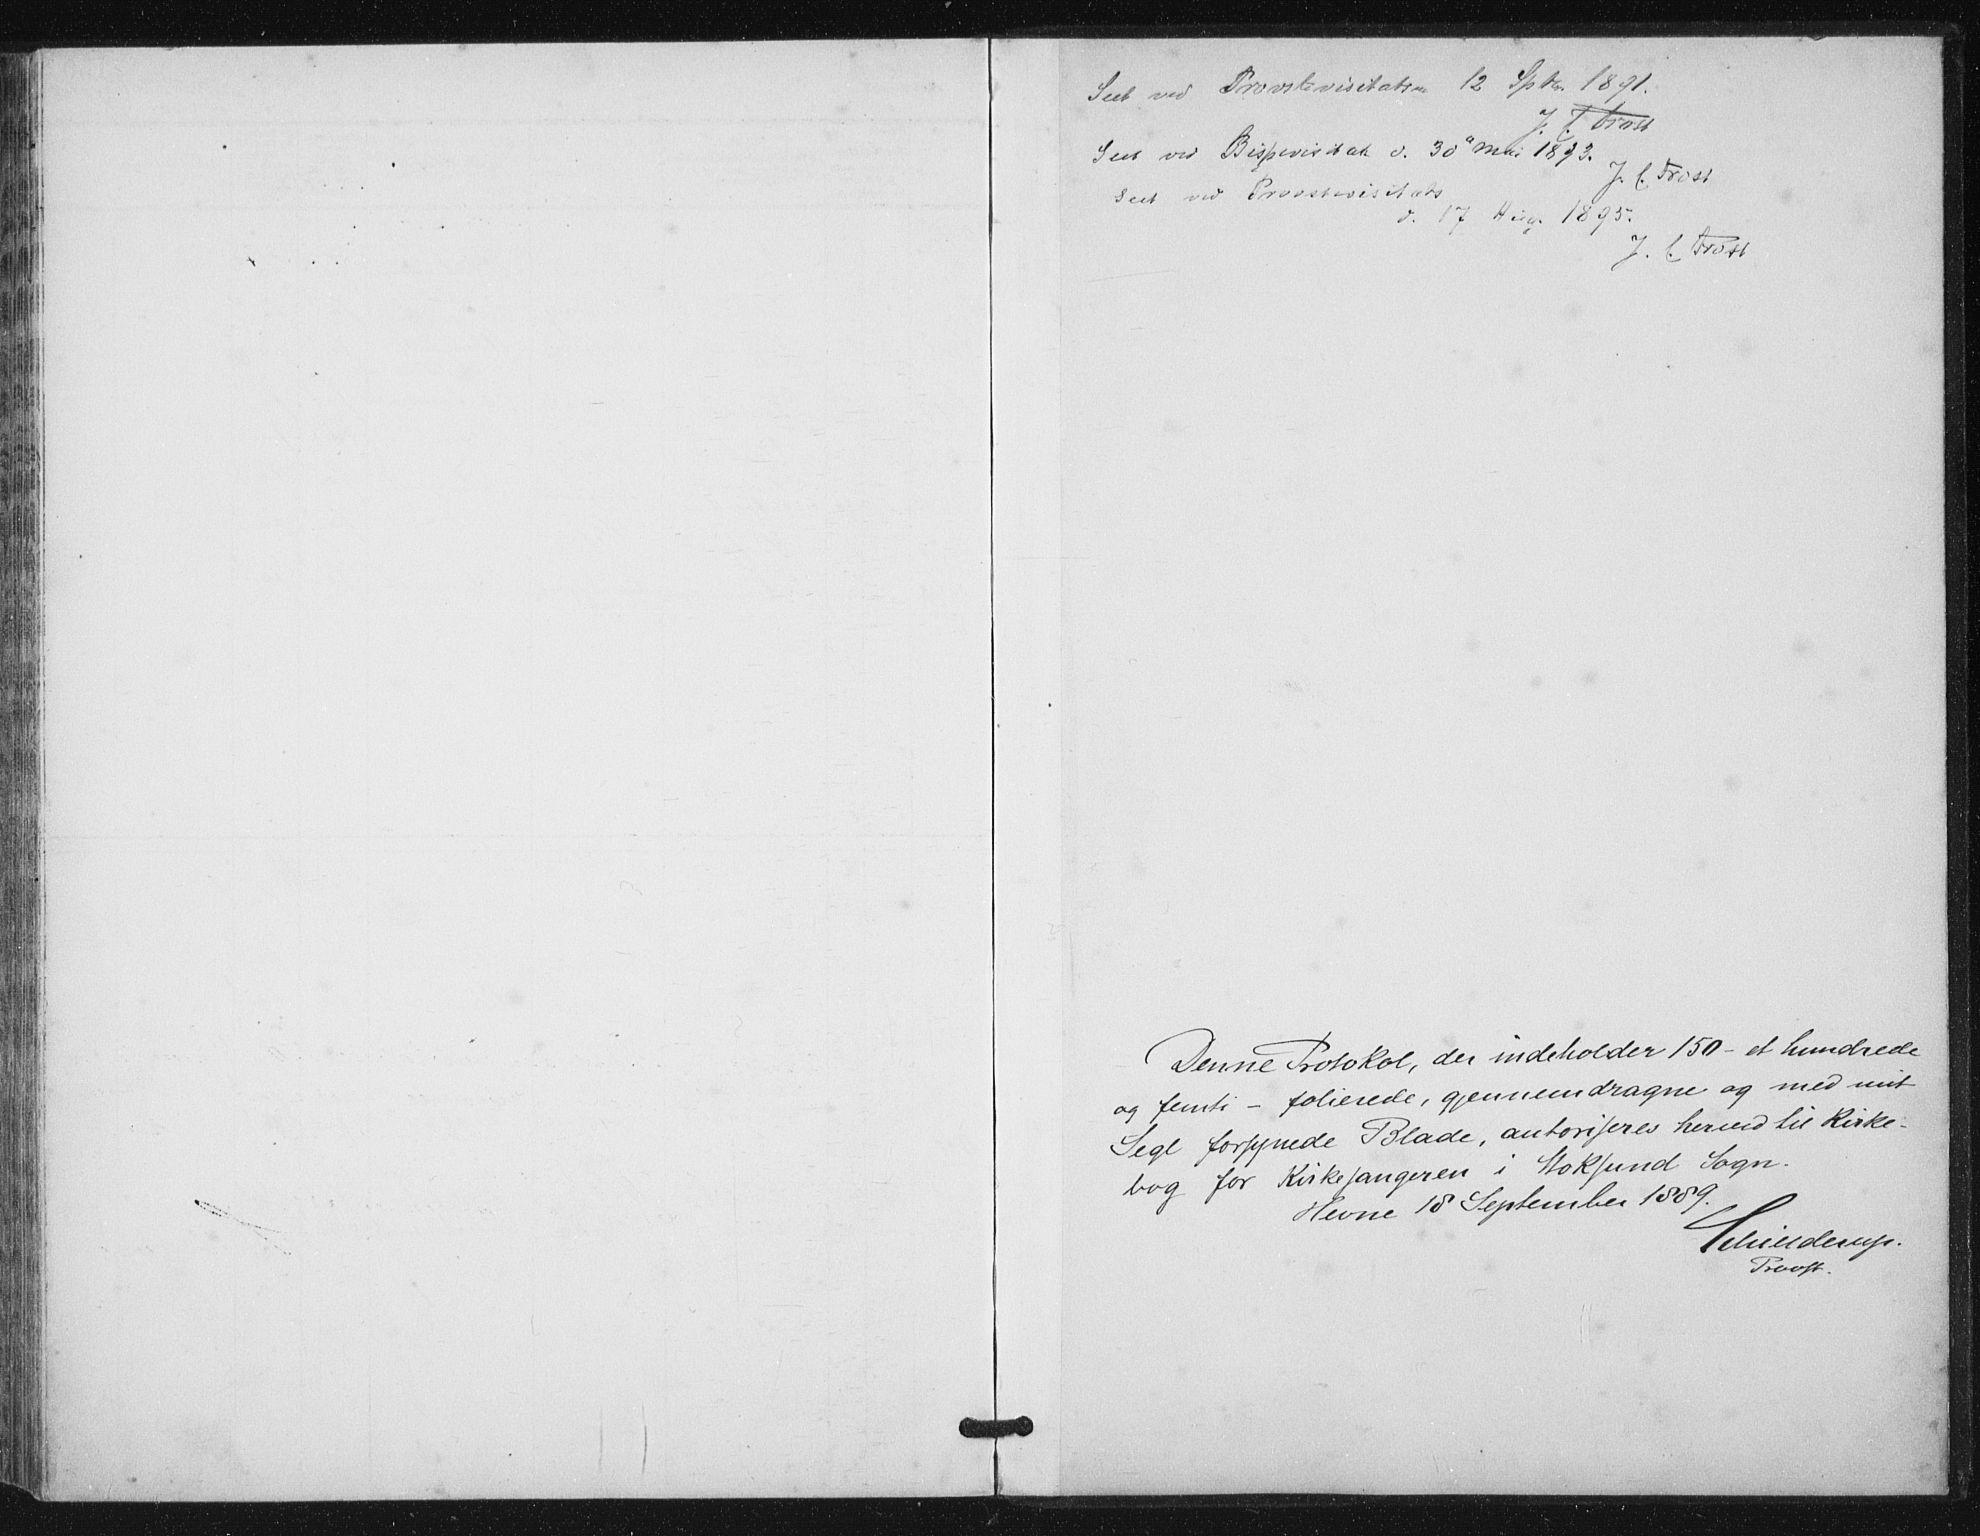 SAT, Ministerialprotokoller, klokkerbøker og fødselsregistre - Sør-Trøndelag, 656/L0698: Klokkerbok nr. 656C04, 1890-1904